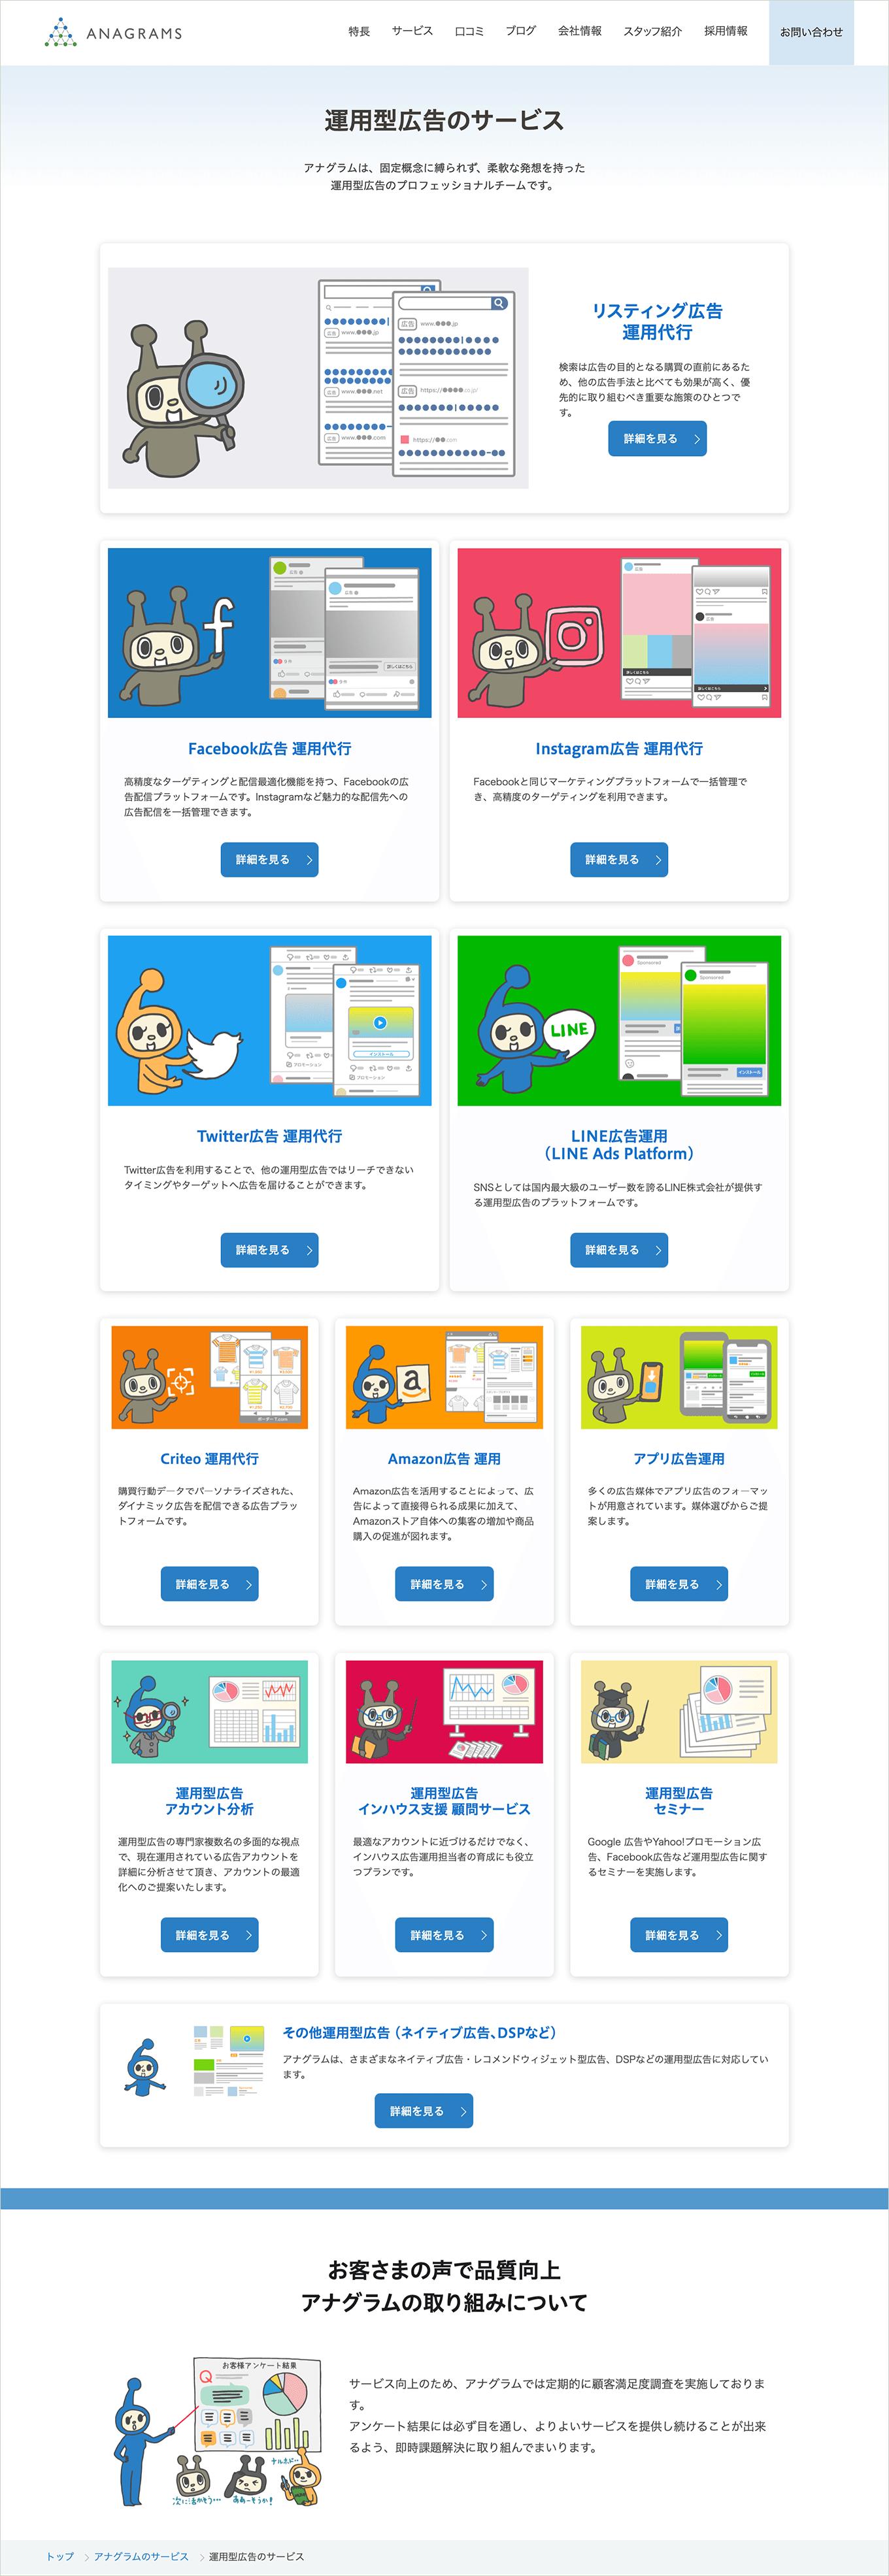 運用型広告のサービス一覧ページキャプチャ